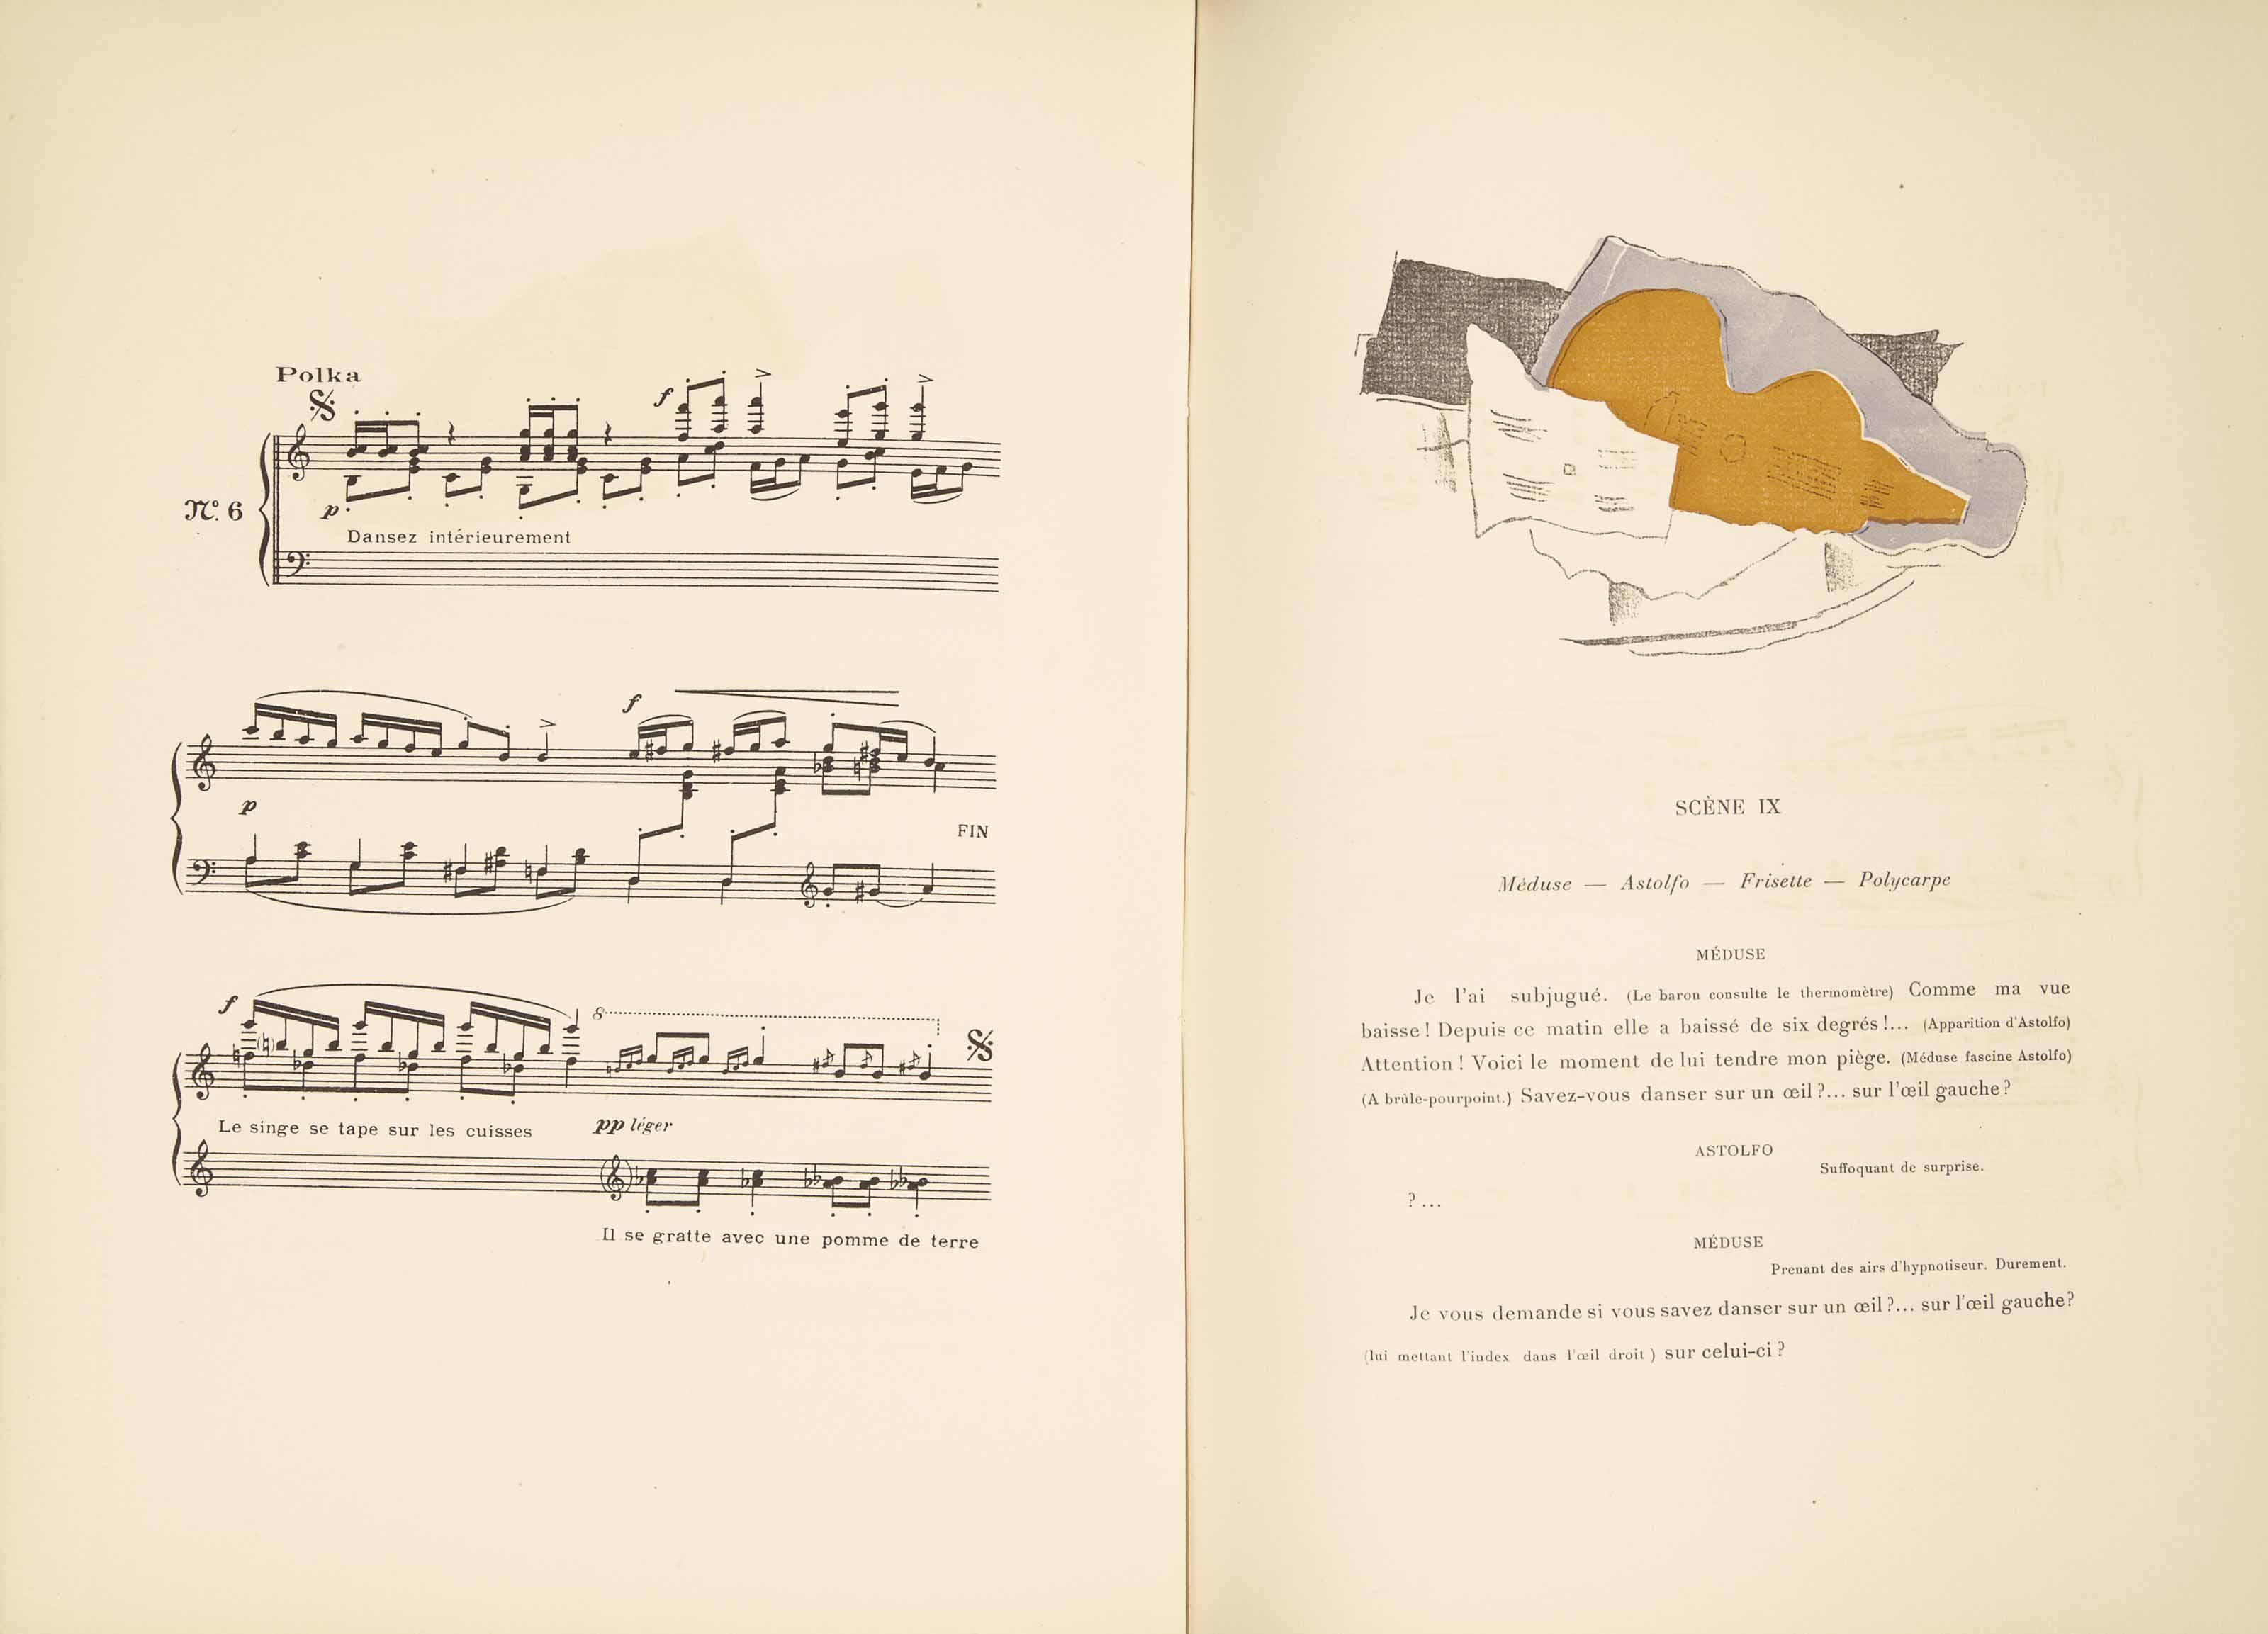 [BRAQUE] -- Érik SATIE (1866-1